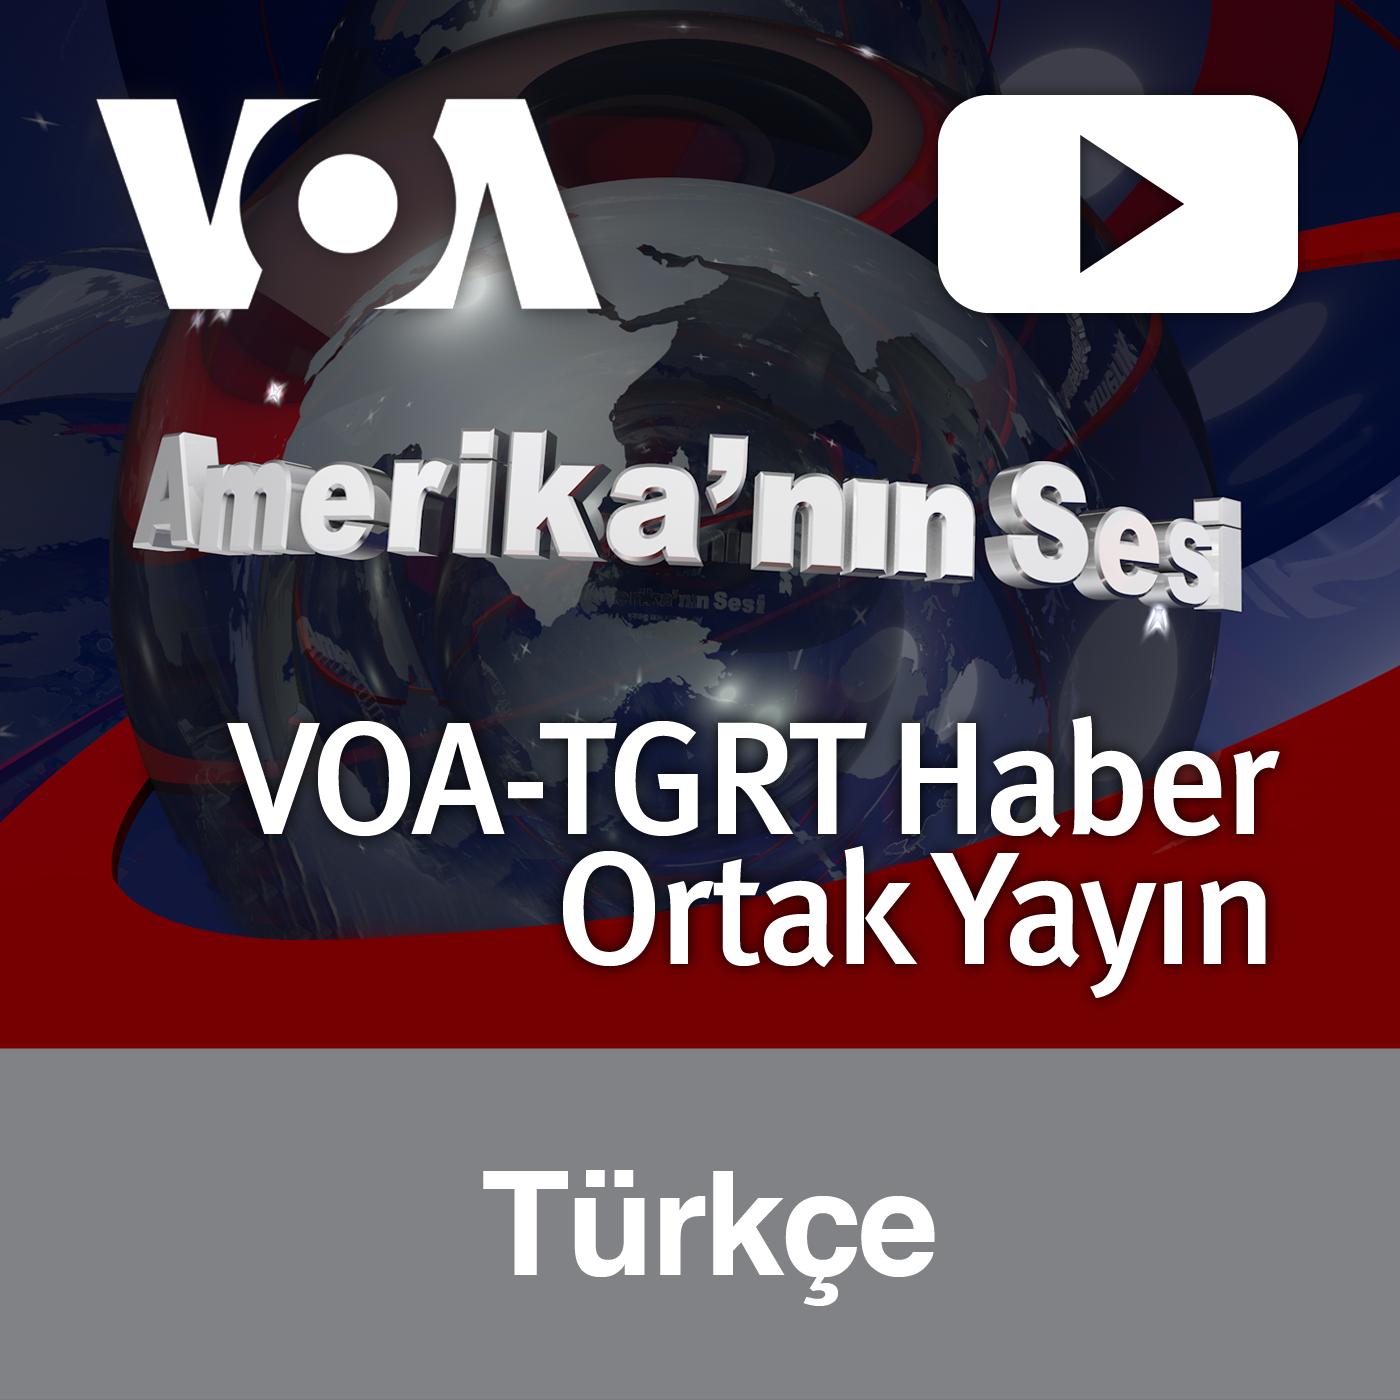 VOA-TGRT Haber Ortak Yayın - Amerika'nın Sesi